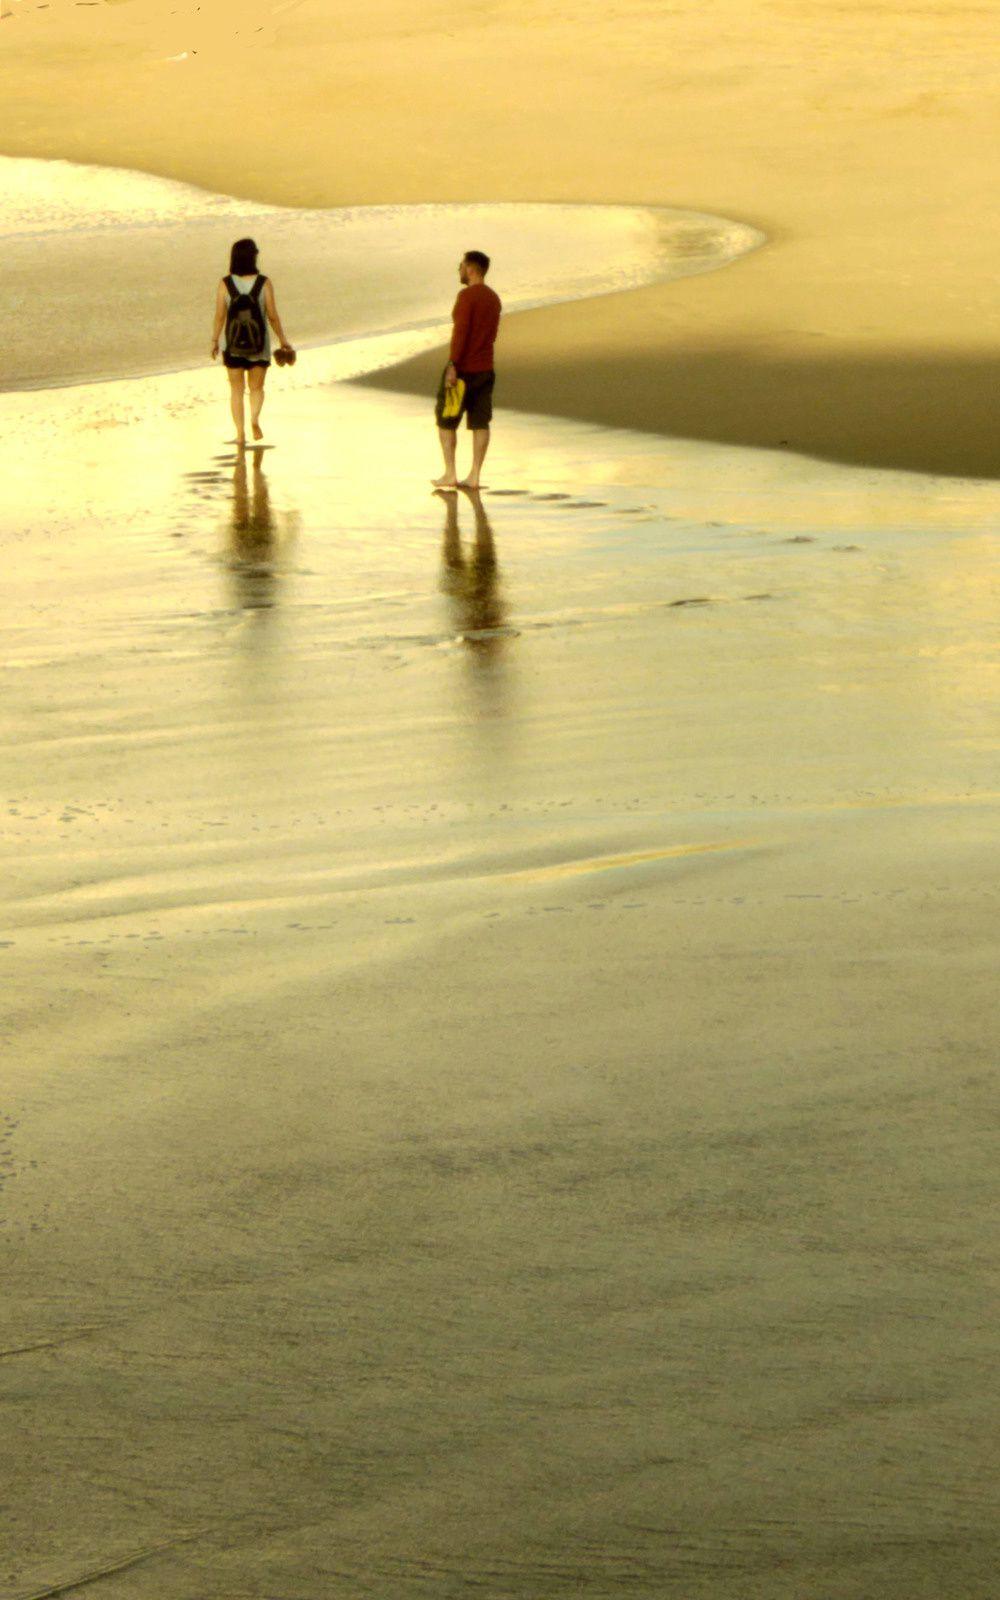 L'empreinte des pas sur le rivage